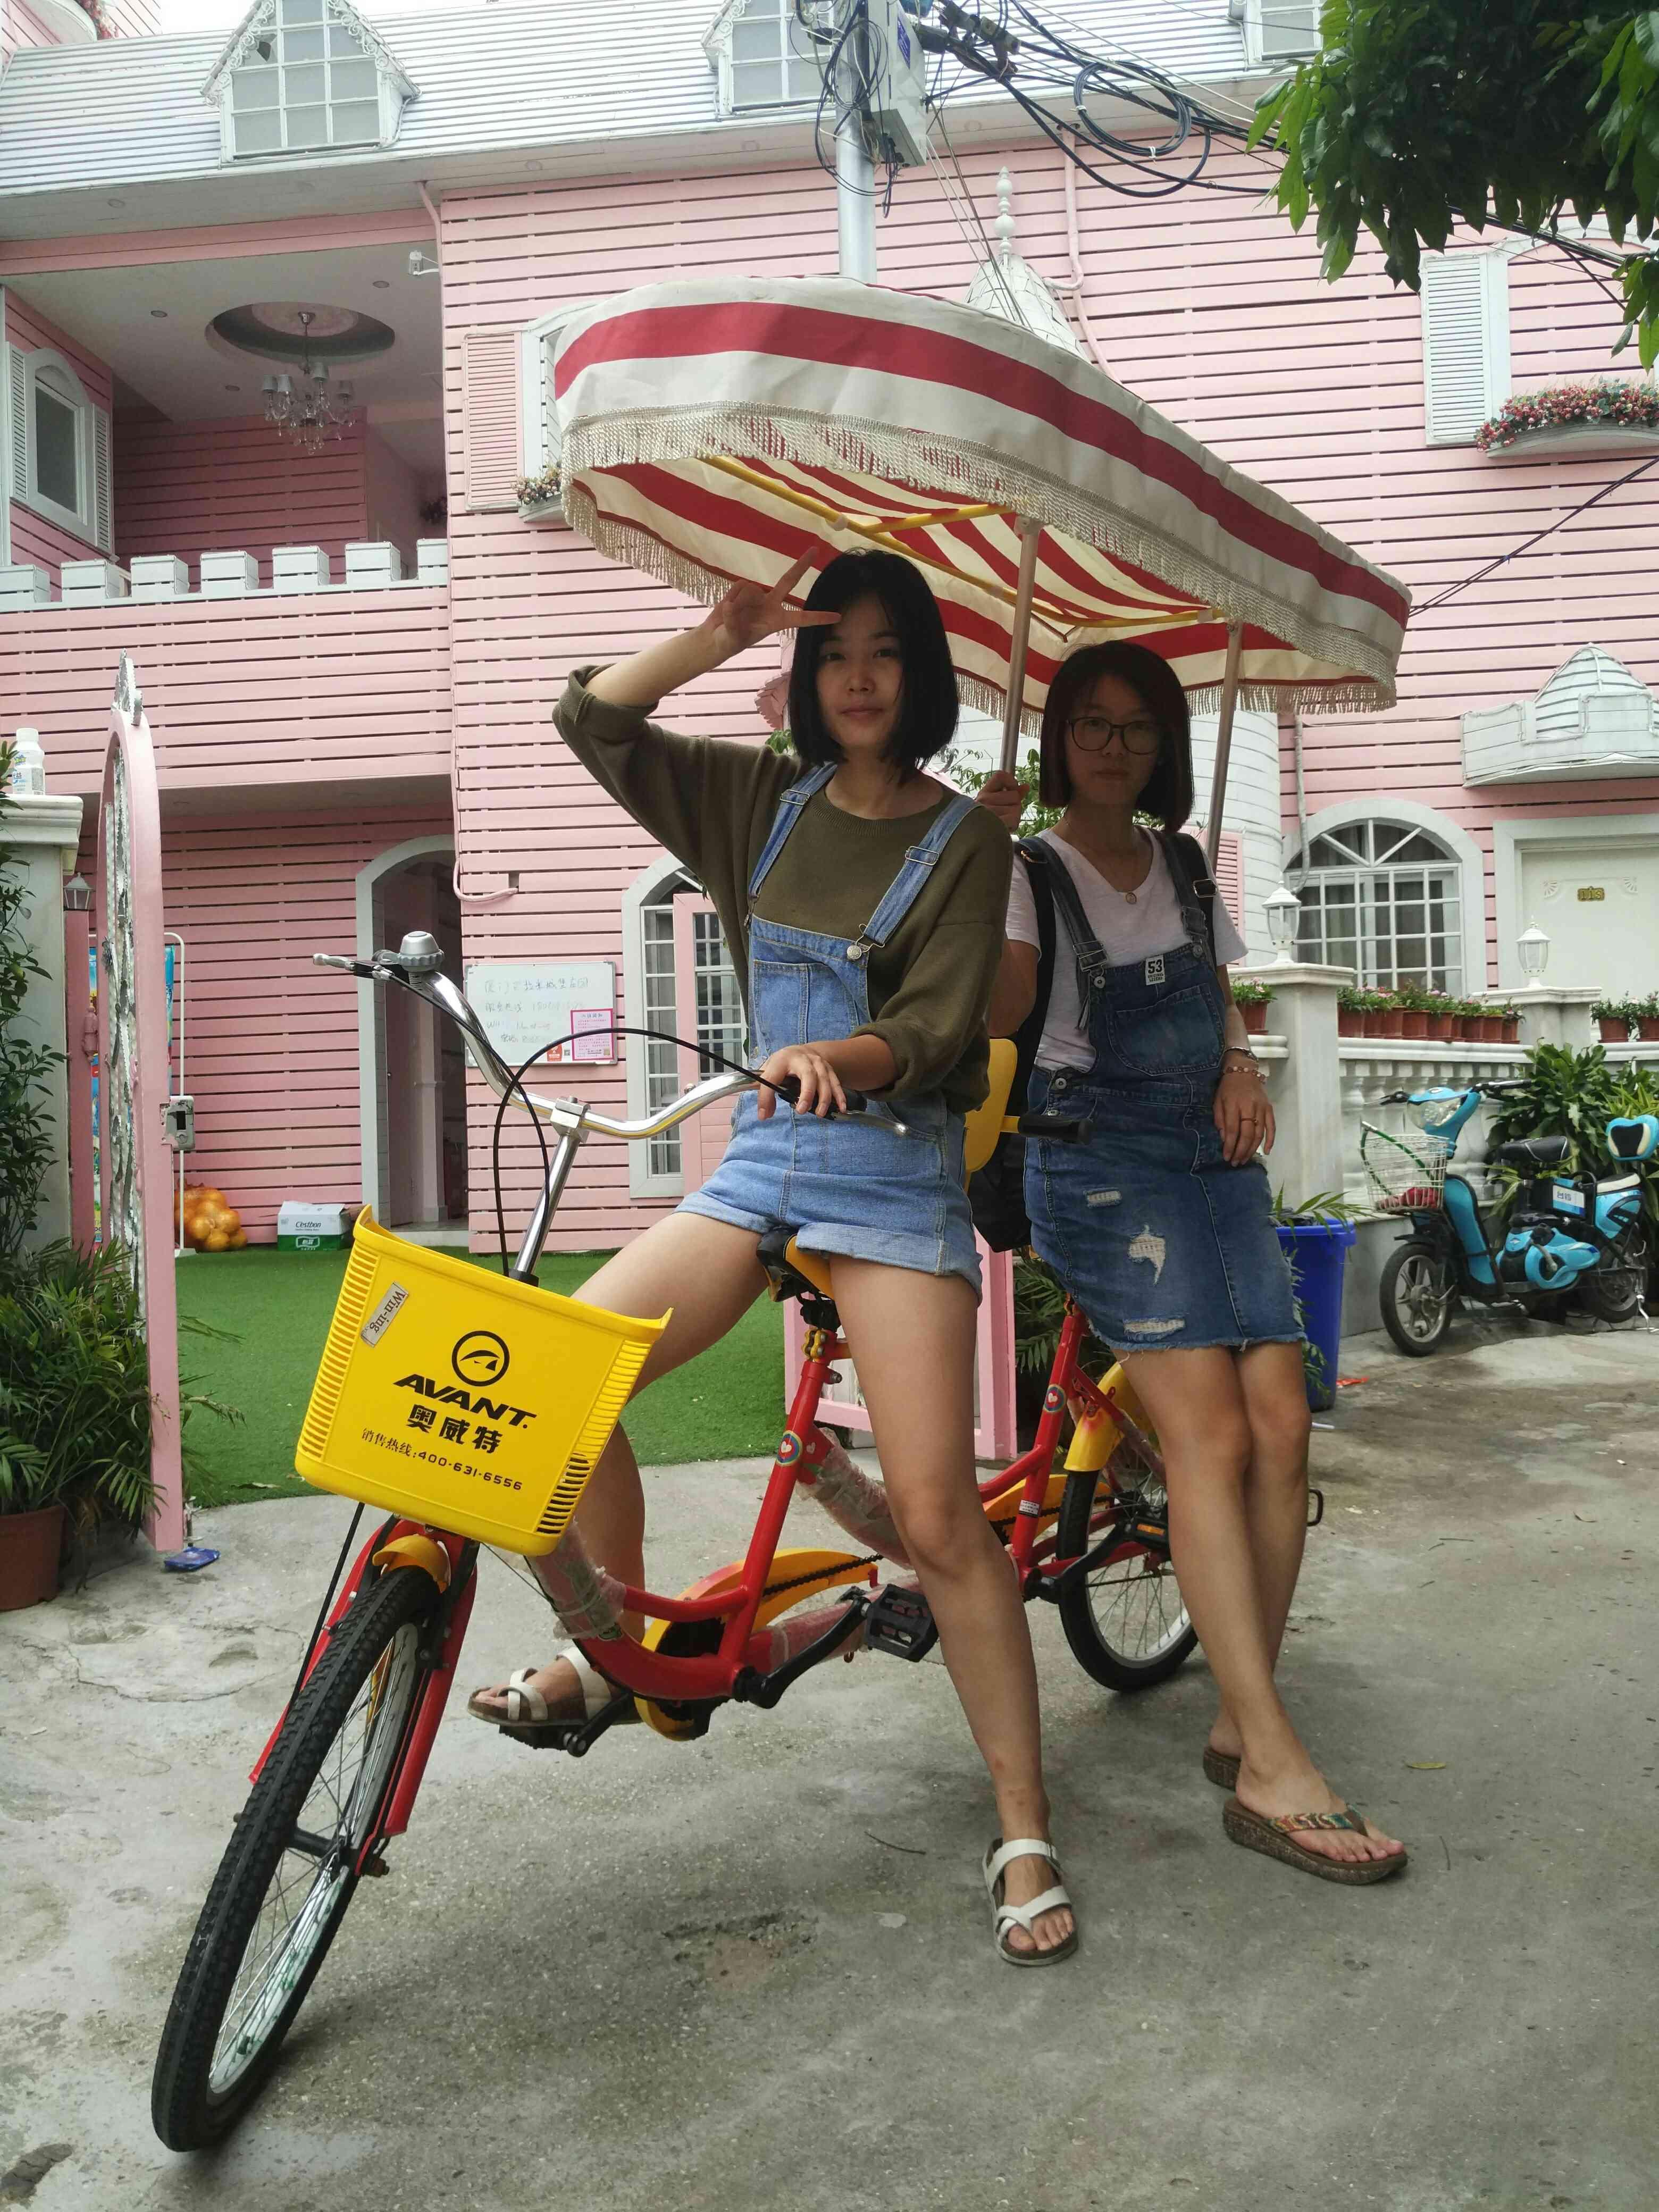 Особняк ворота кольцо остров дорога Tzengtsu двойной отцовство велосипед в целом наслаждаться аренда пакет 20 юань